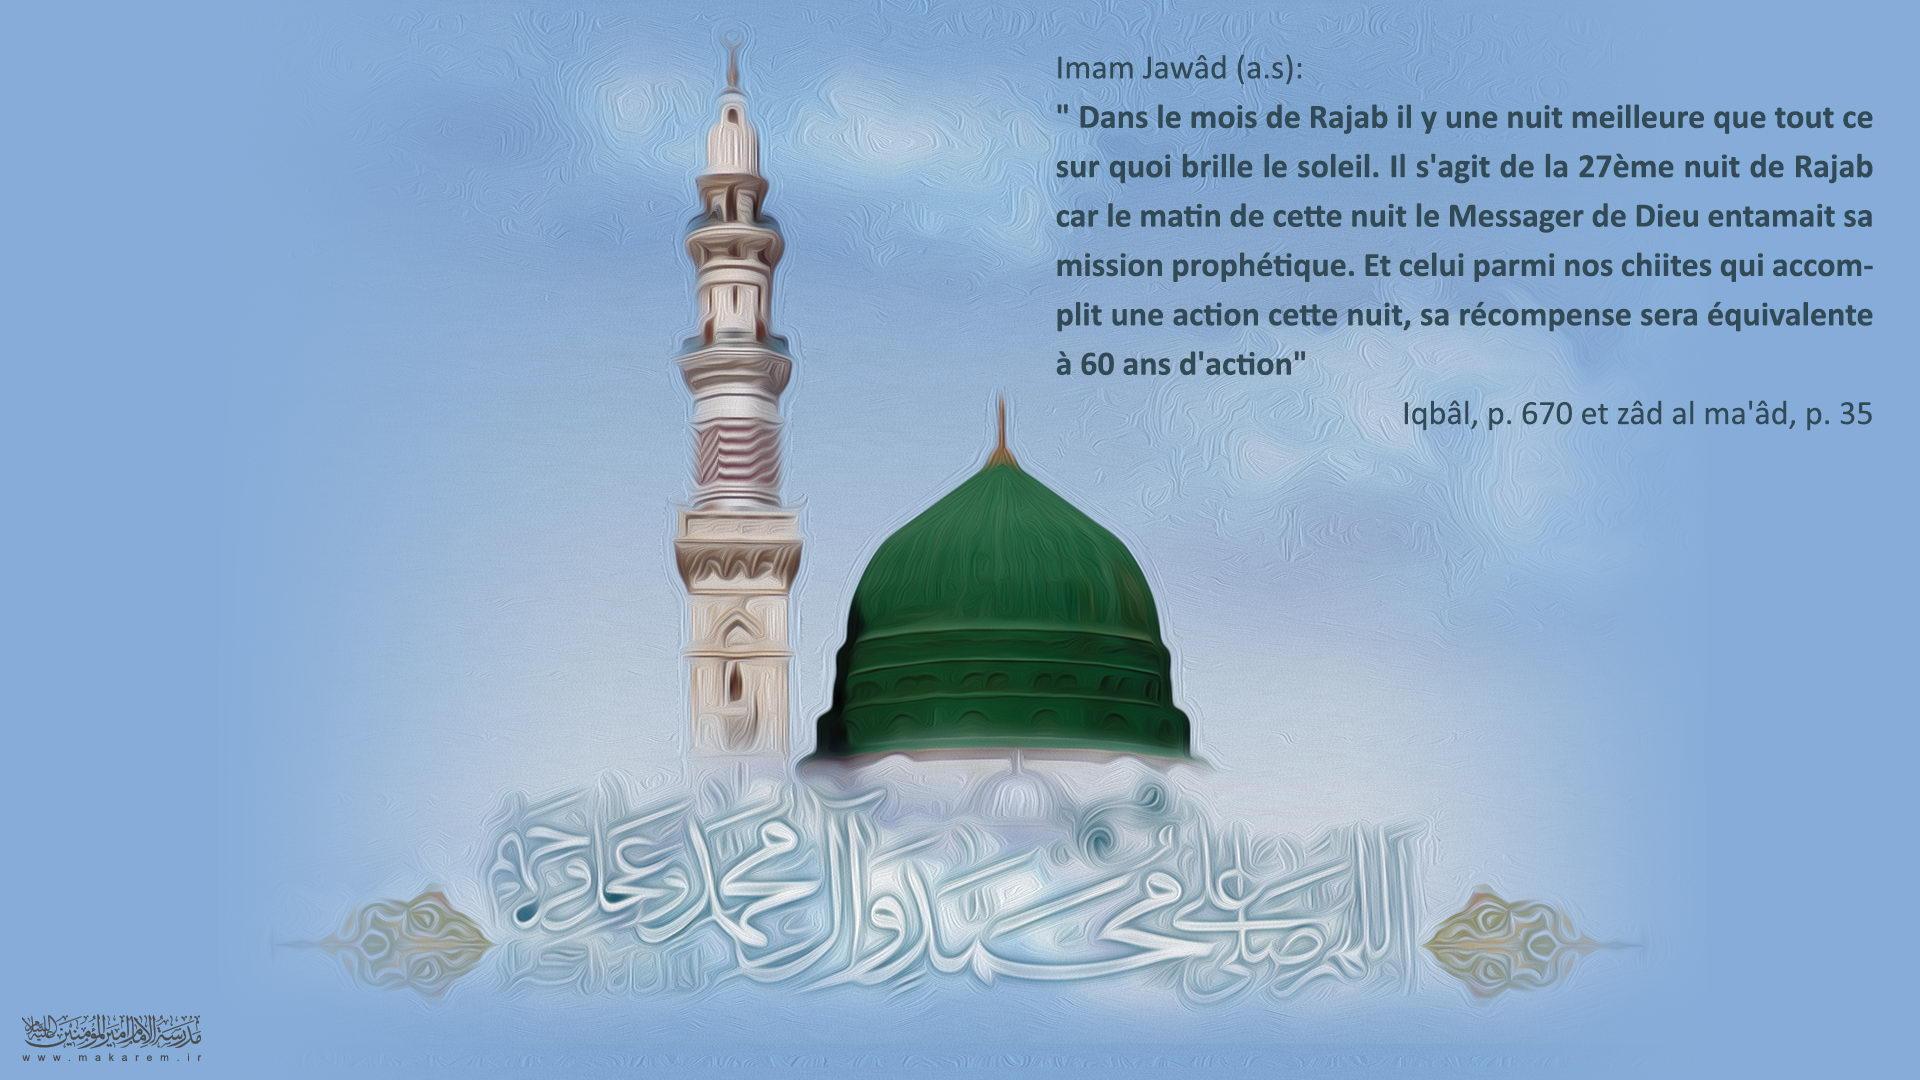 Commémoration du début de la mission prophétique de Mohammad (ç)-مدرسه الامام امیر المومنین (ع)